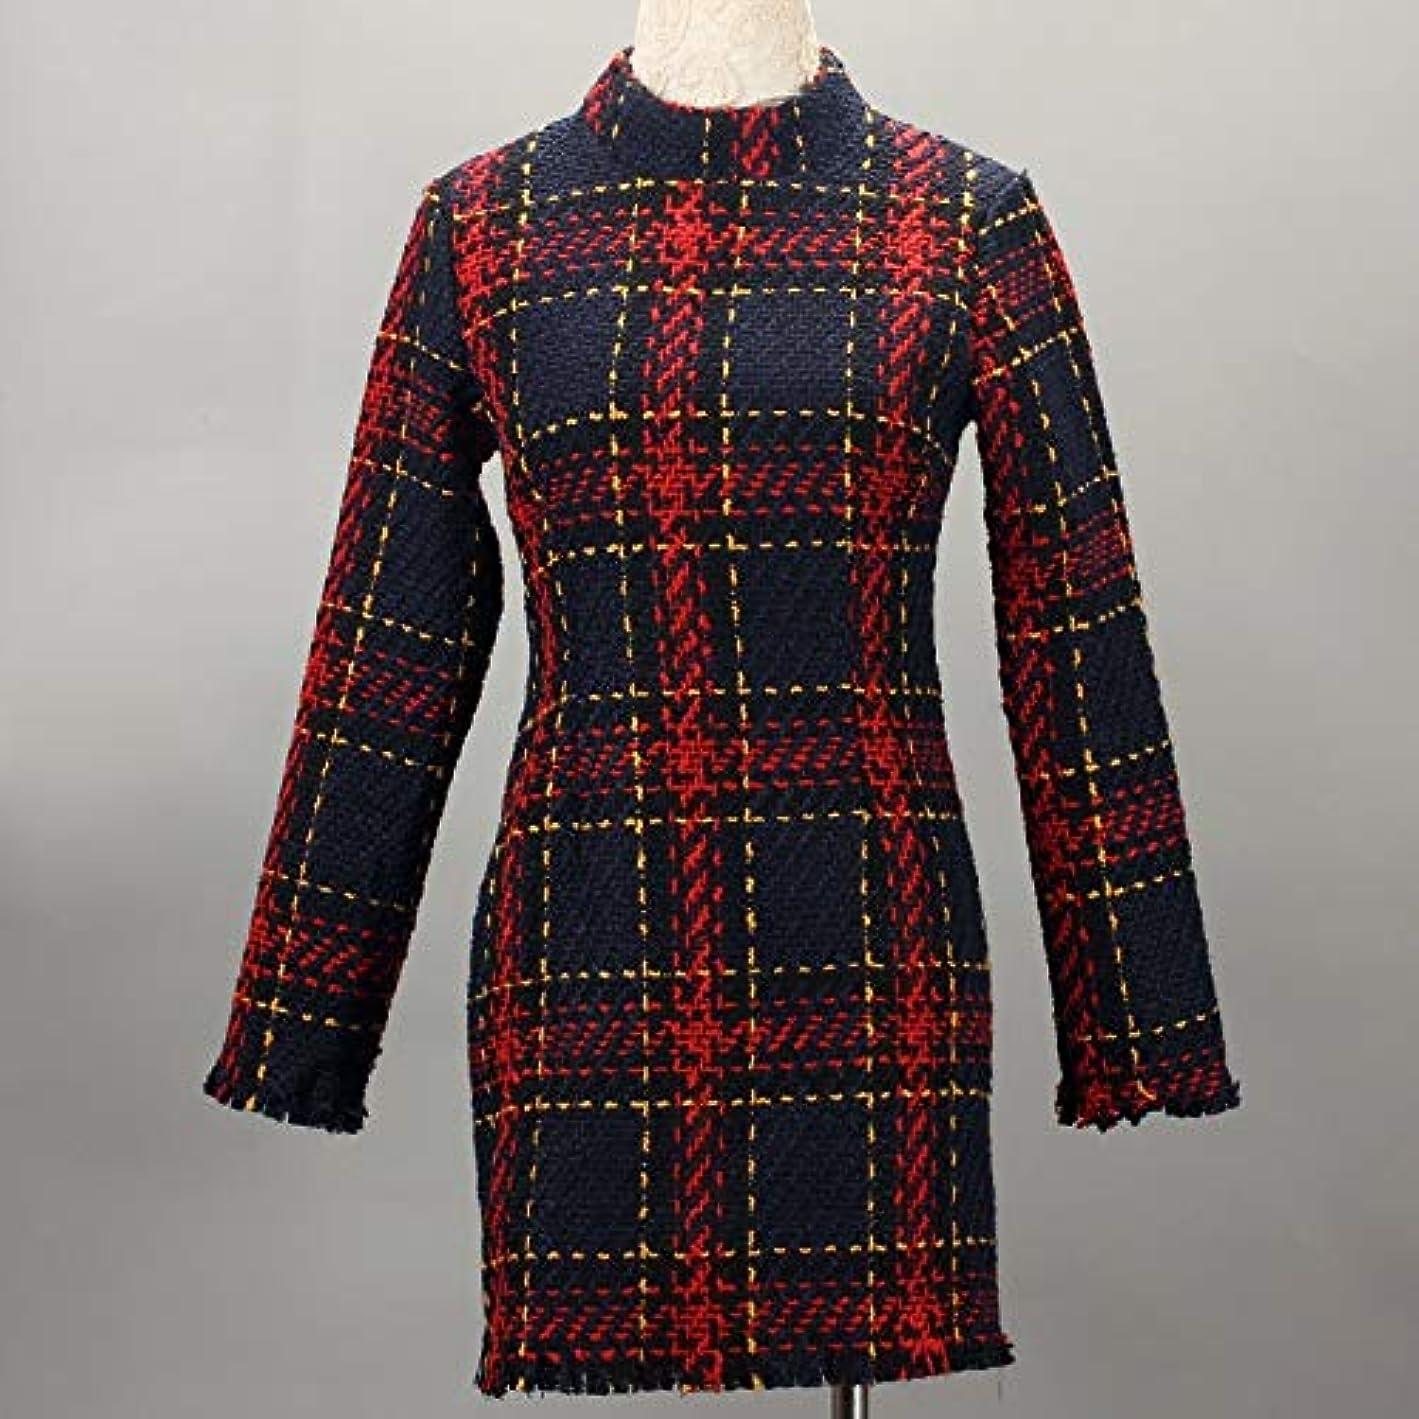 衝動チャンピオンシップその後Onderroa - ファッション冬のドレスの女性は、ストライプ長袖スリムスキニーセクシーなミニボディコンヴィンテージvestidosドレスの女性を印刷PLAID